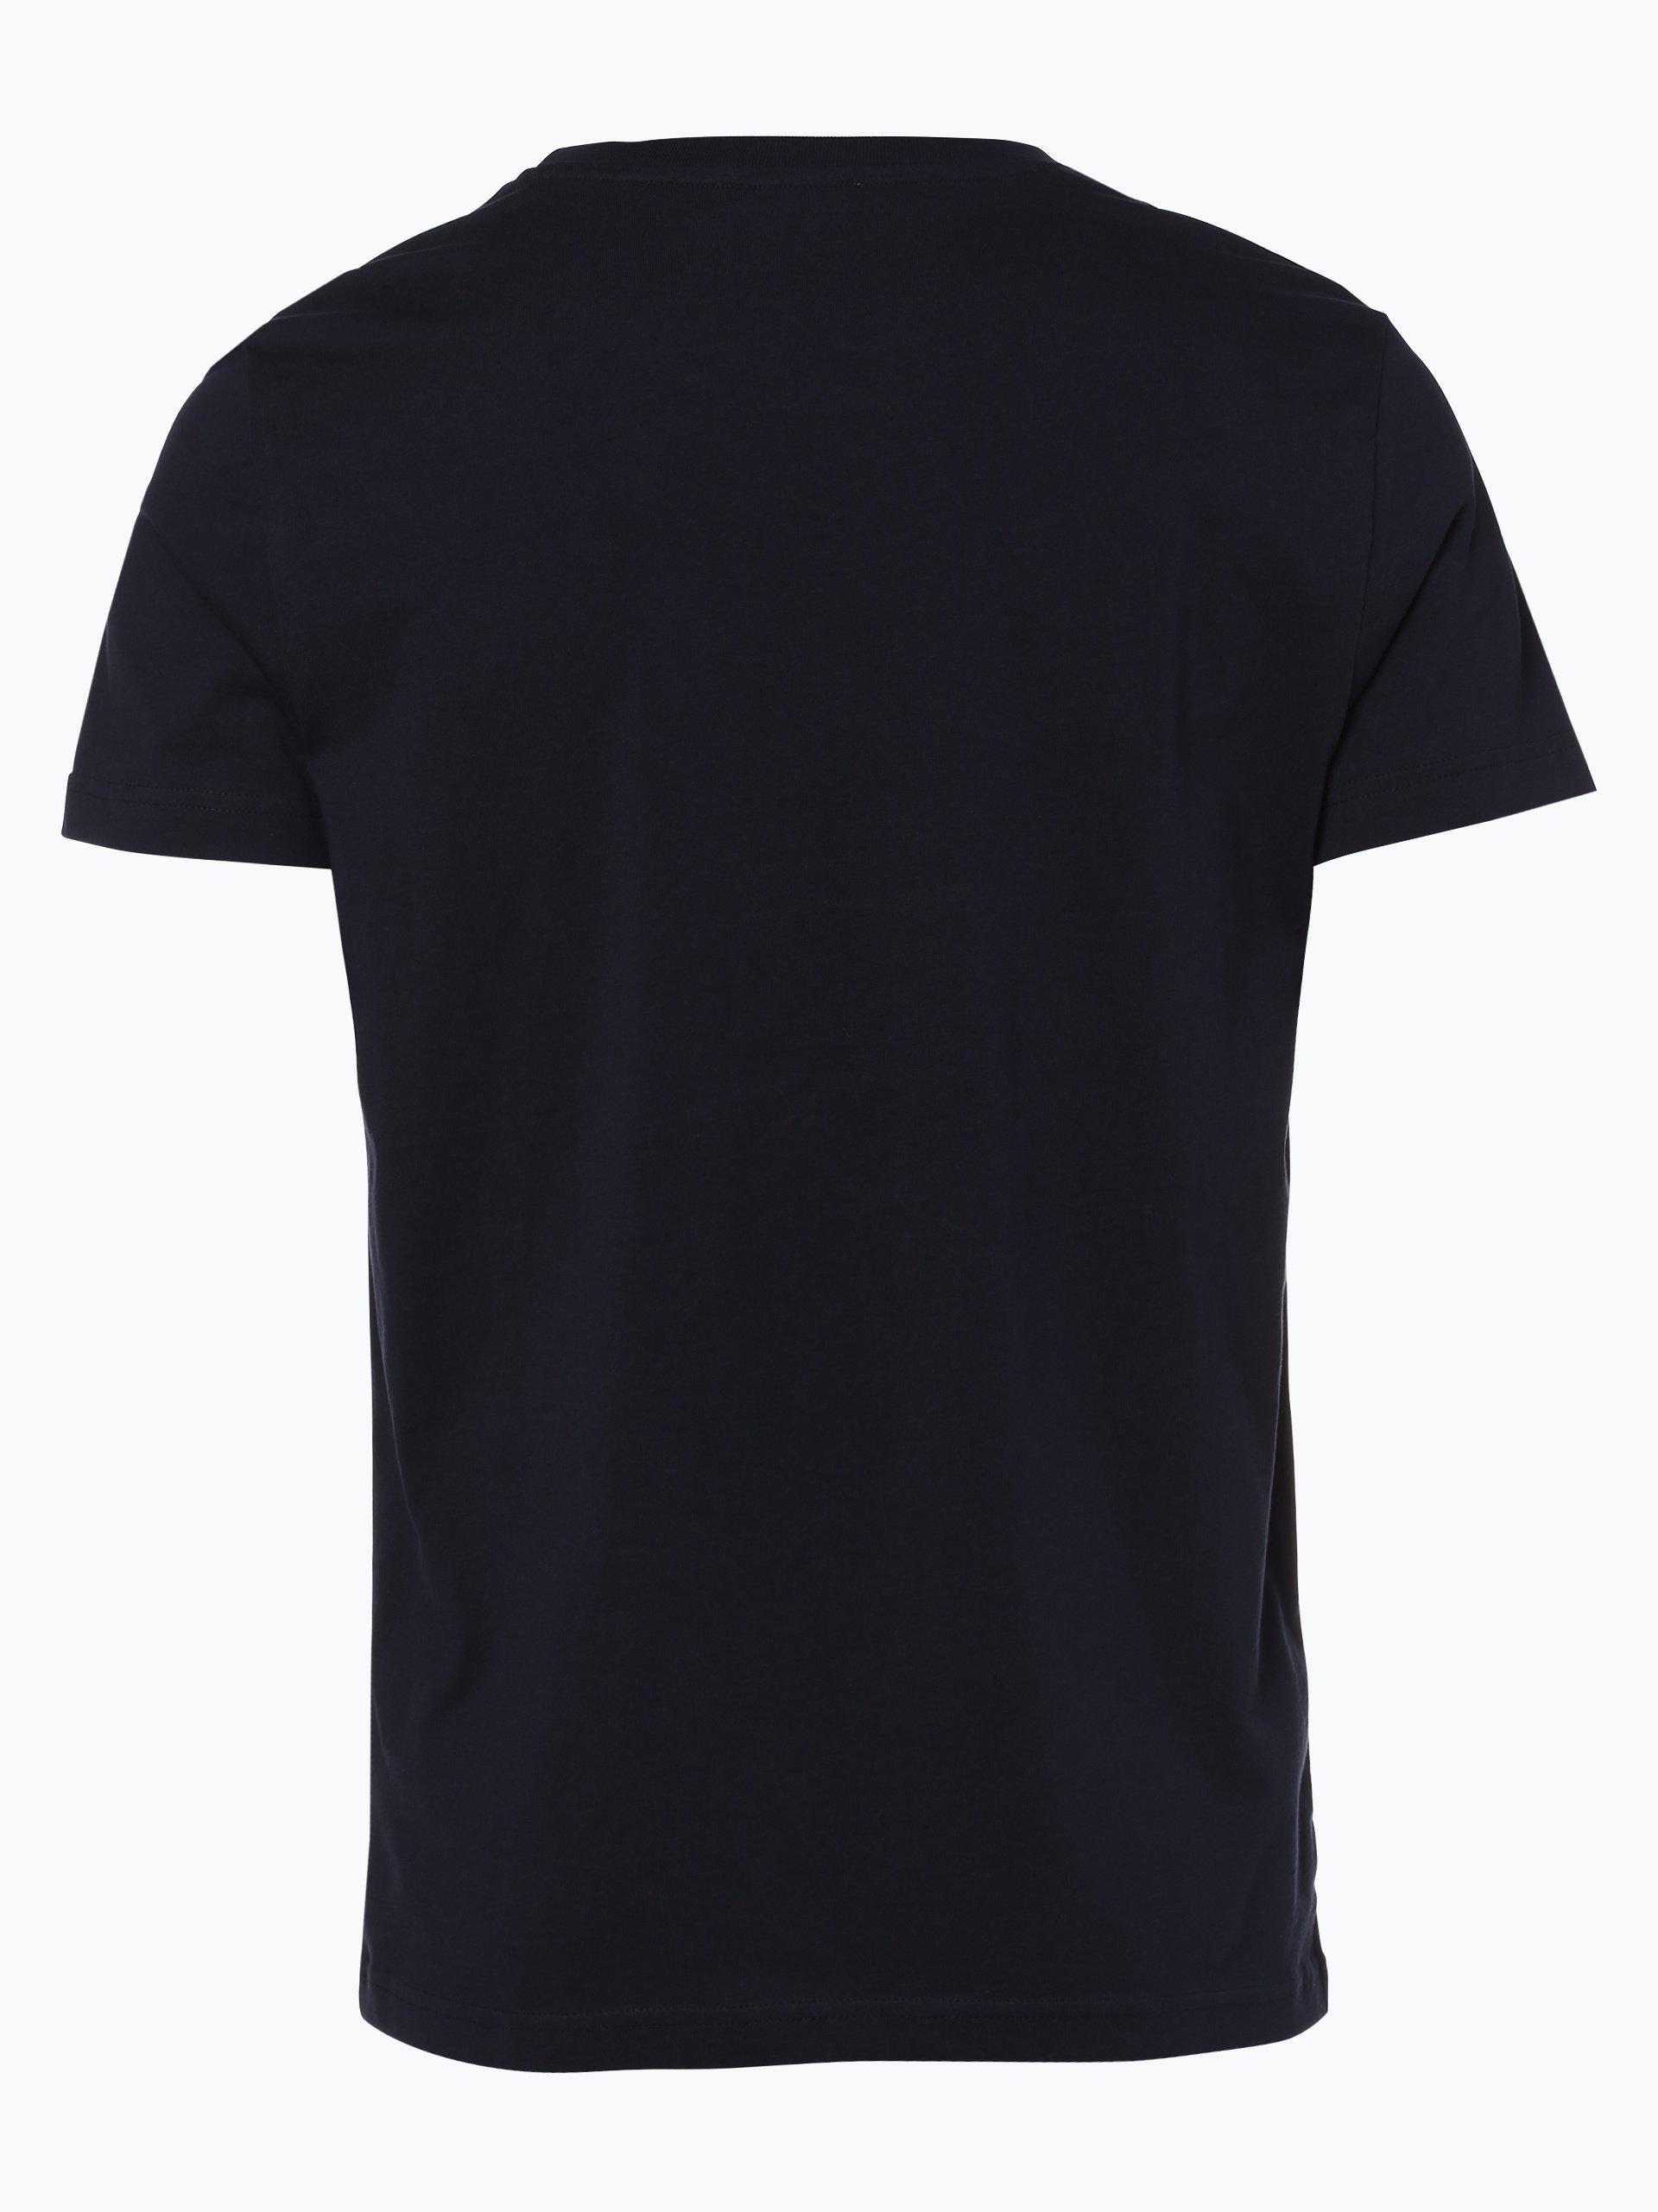 review herren t shirt marine gemustert online kaufen vangraaf com. Black Bedroom Furniture Sets. Home Design Ideas